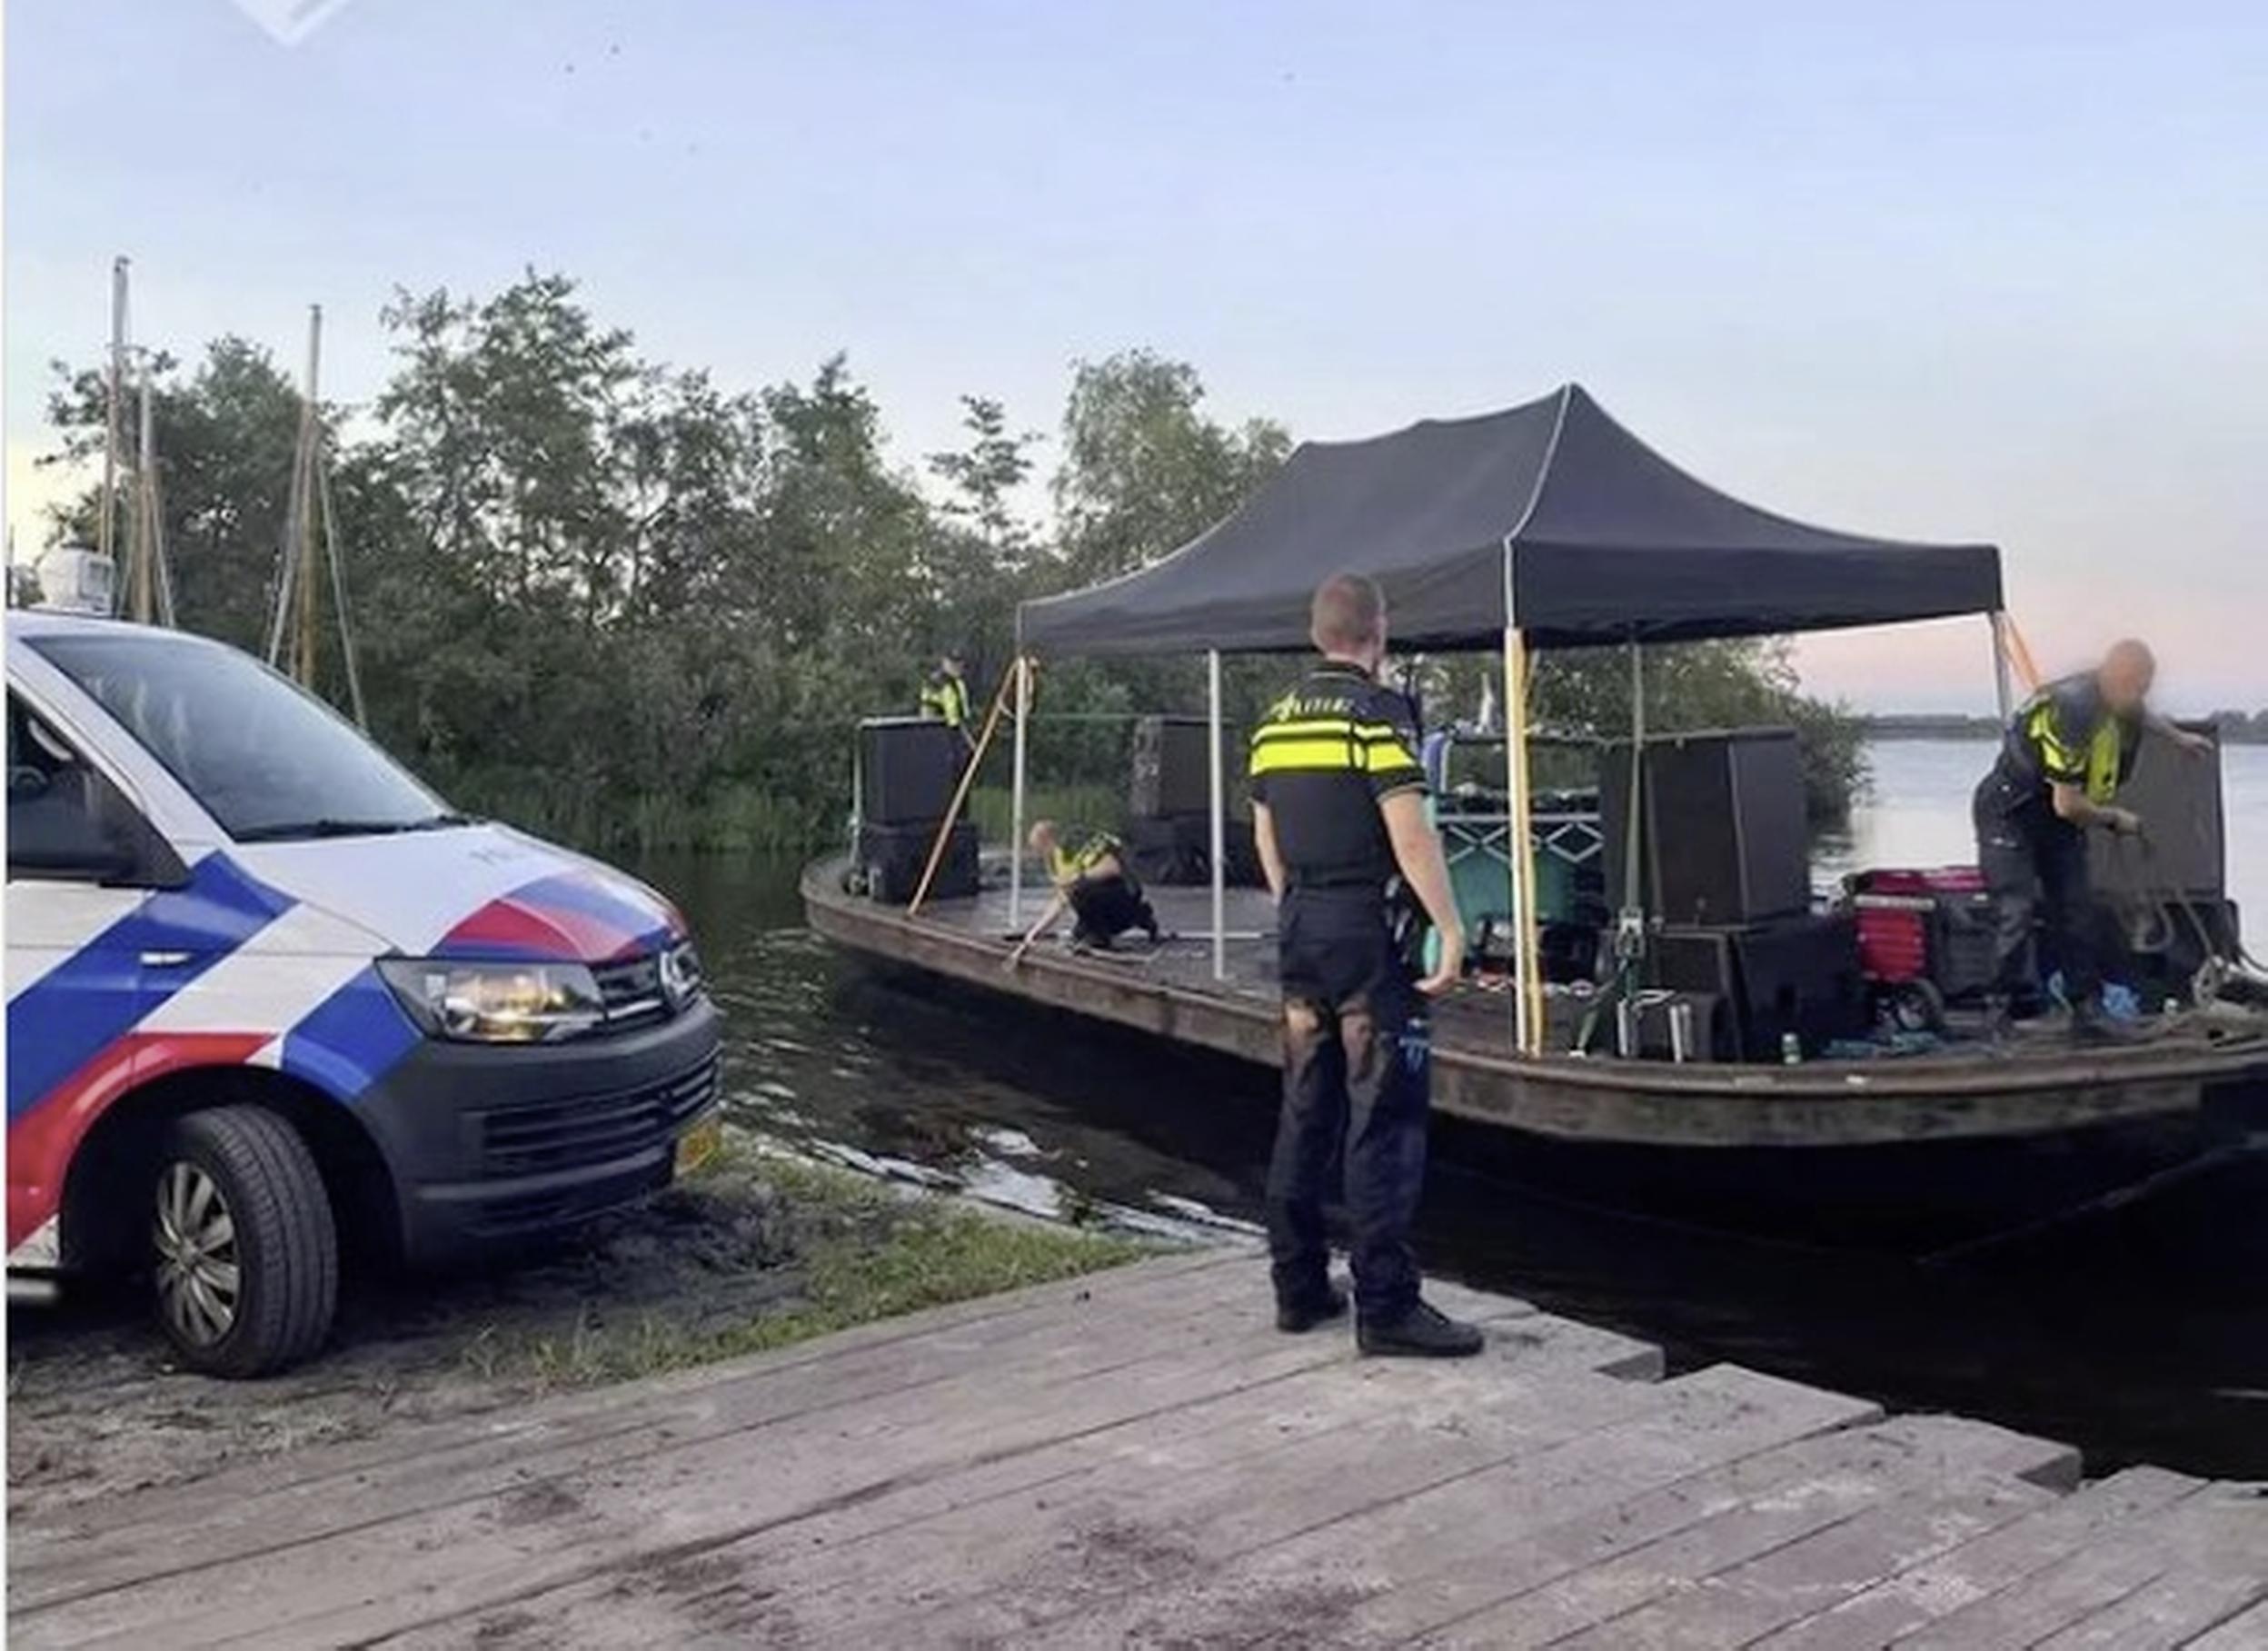 Illegaal feest met honderden feestgangers op Loosdrechtse Plassen stilgelegd, politie neemt professionele installatie in beslag